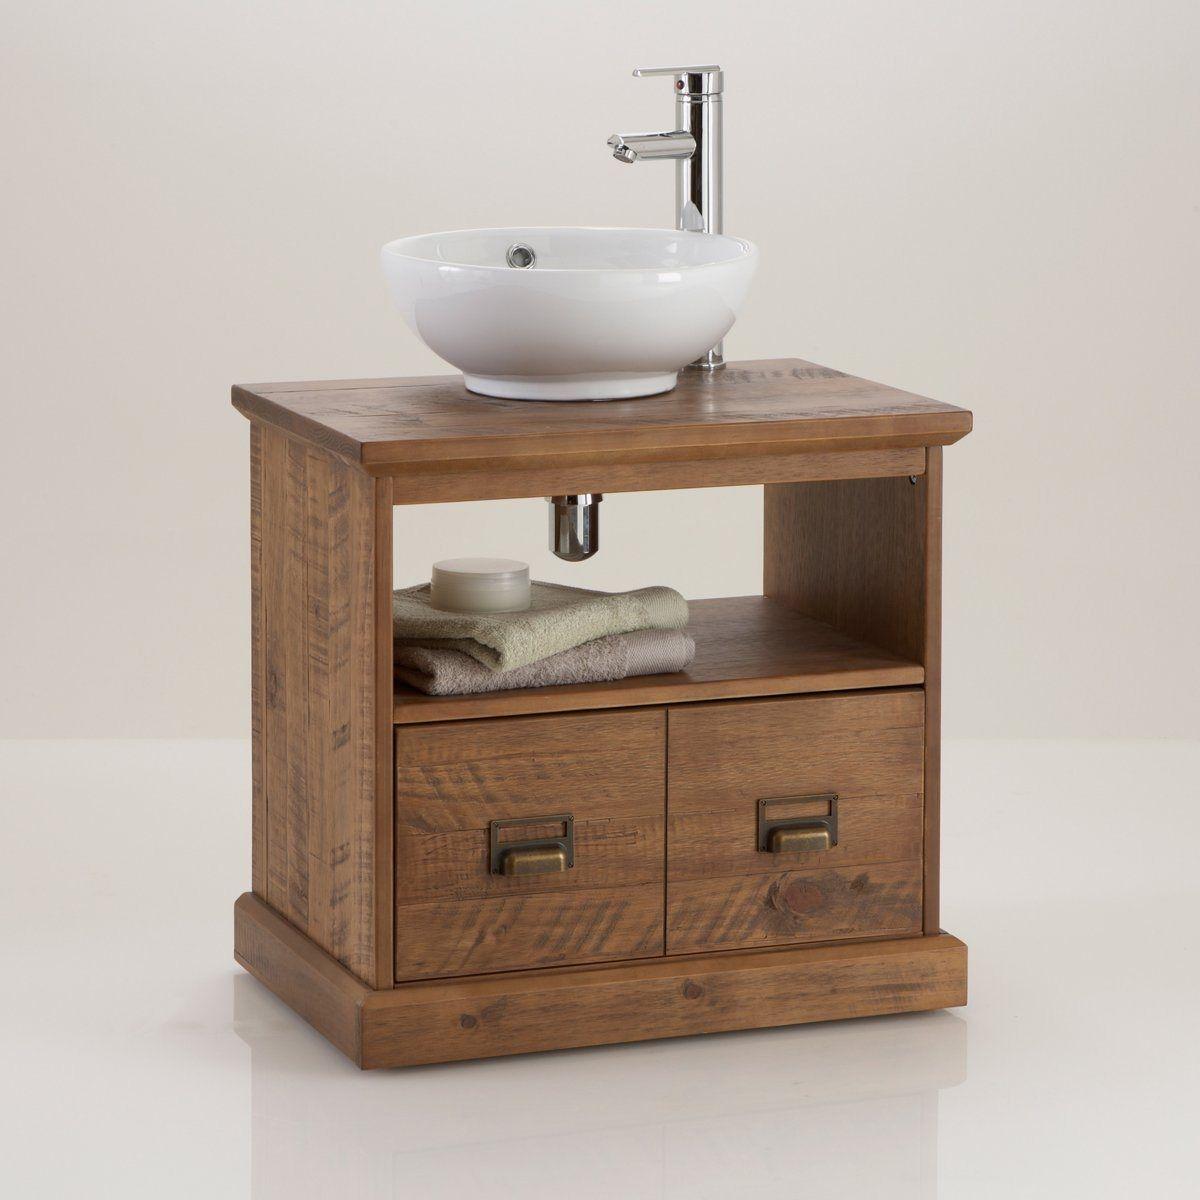 Vente meuble salle de bain meubles sous vasque tritoo for Acheter meuble de salle de bain